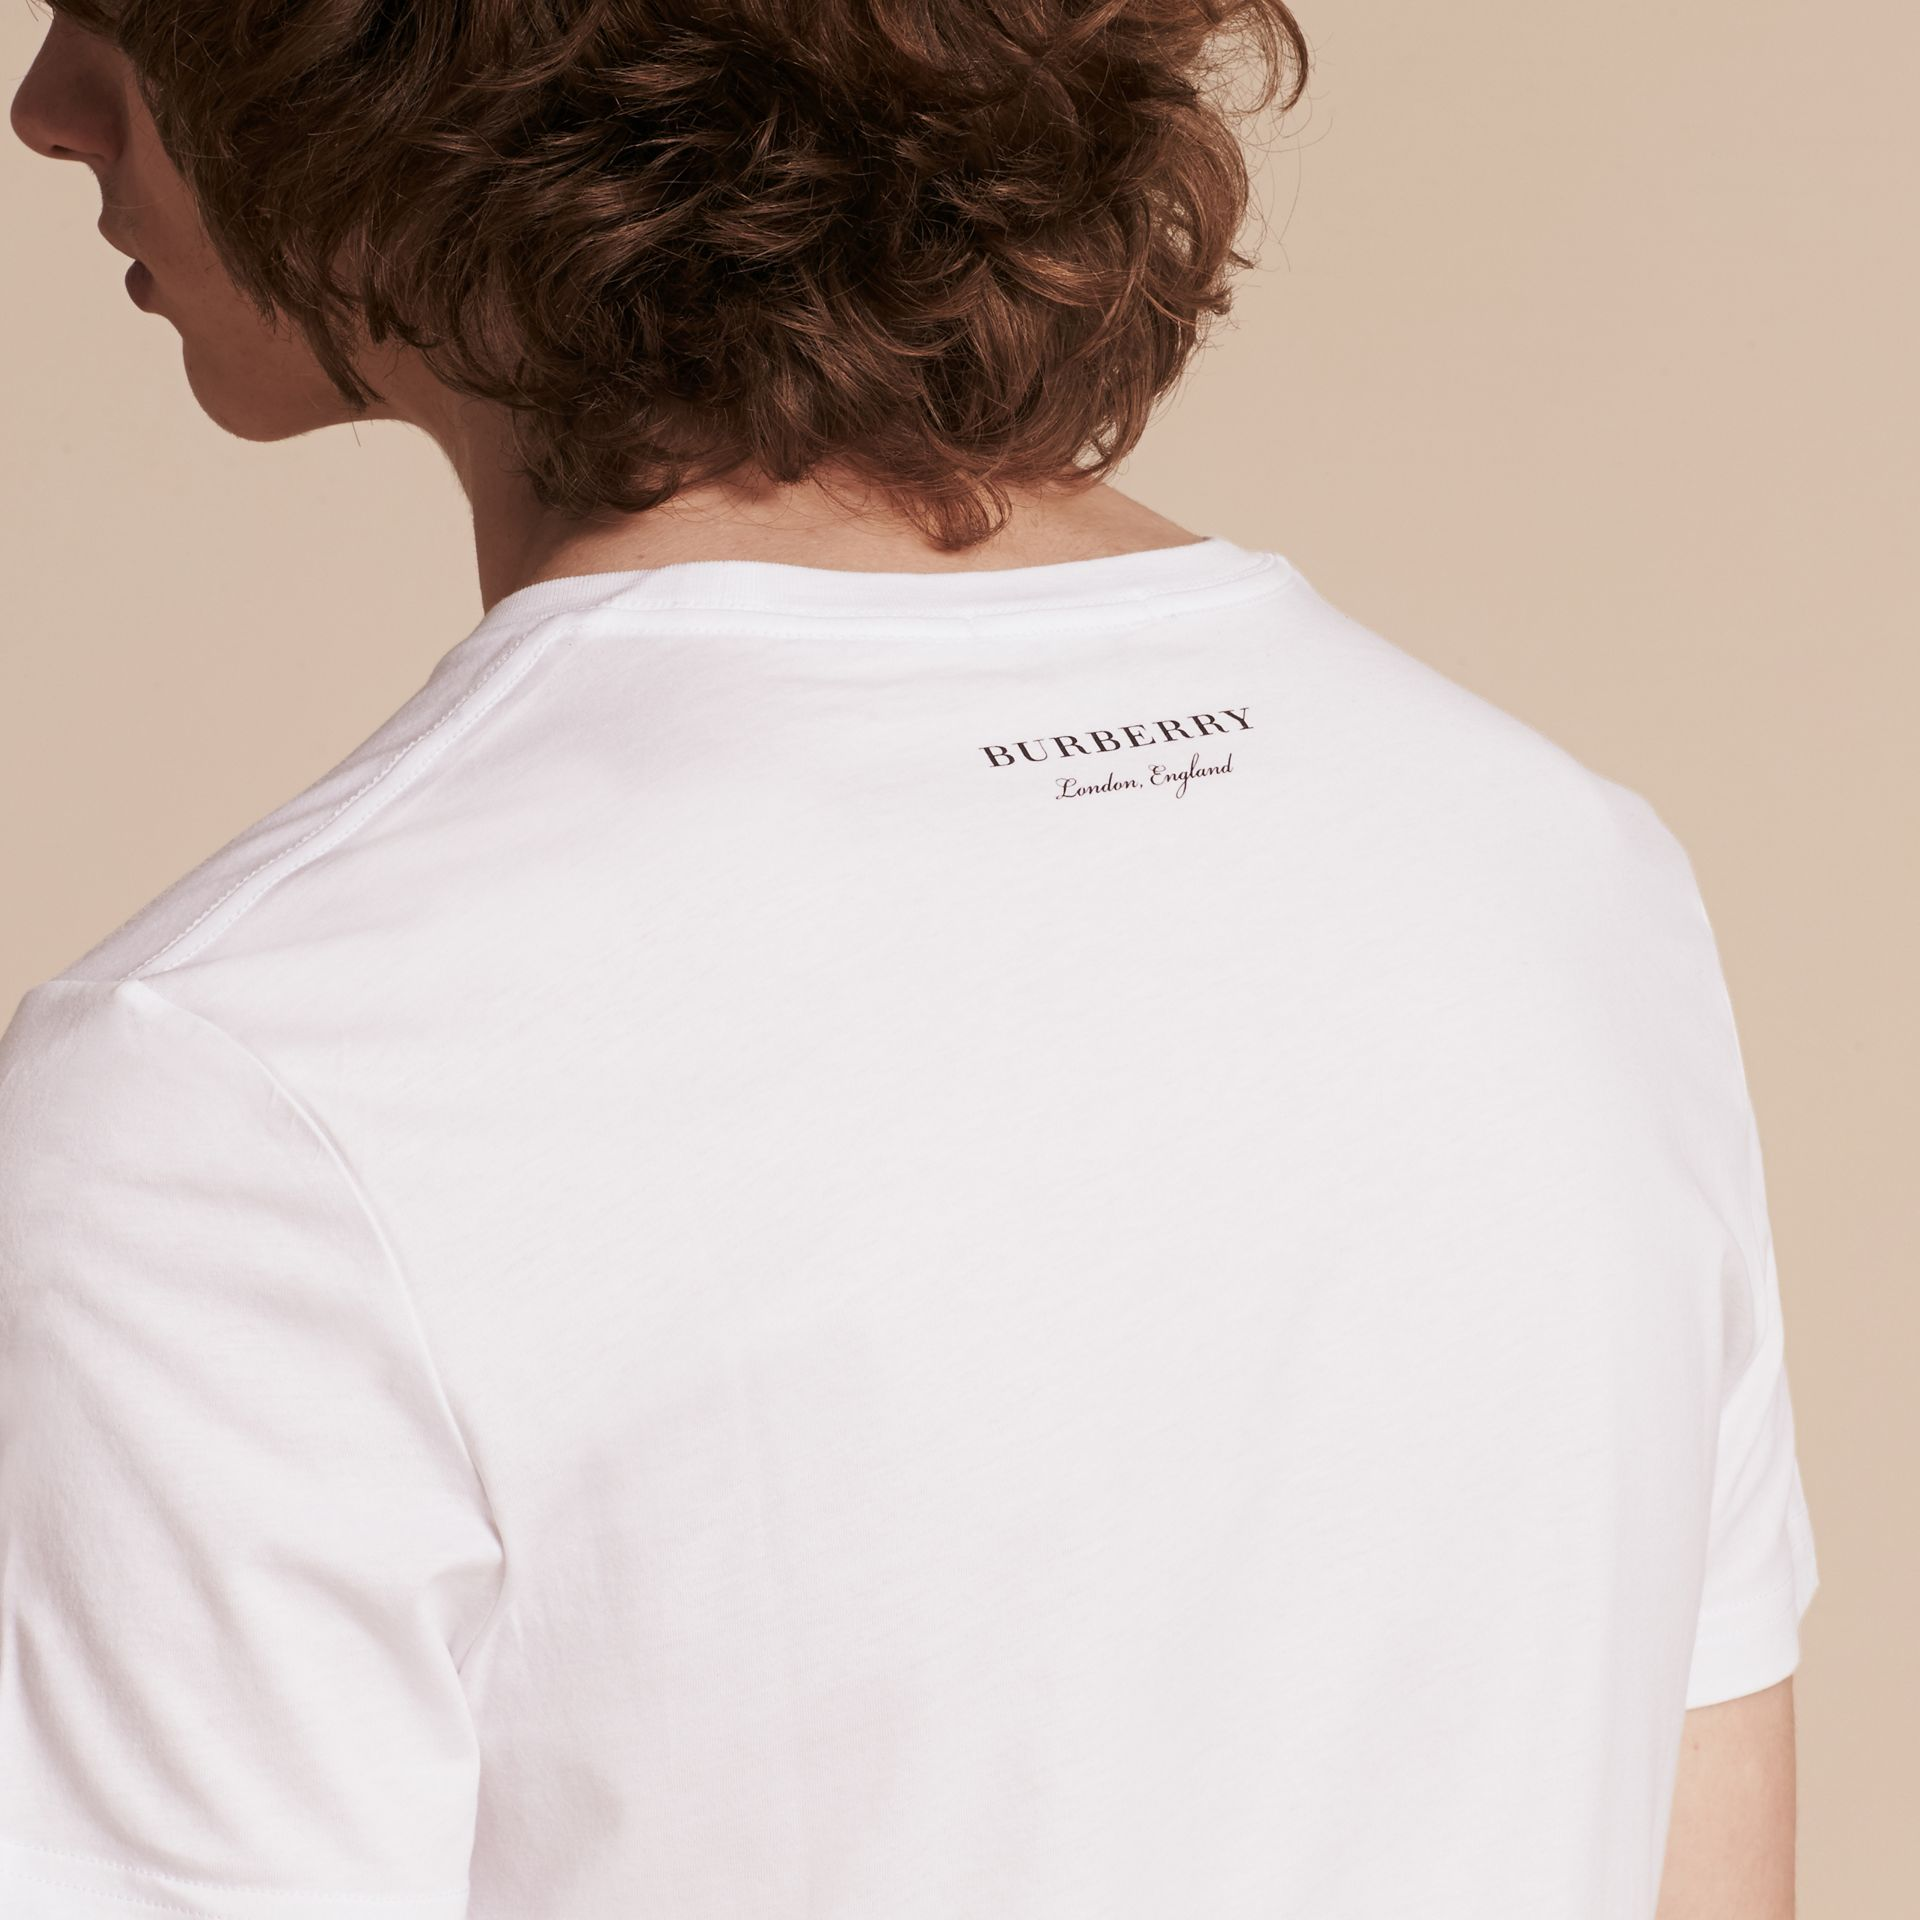 Branco Camiseta de algodão com estampa do Big Ben - galeria de imagens 5